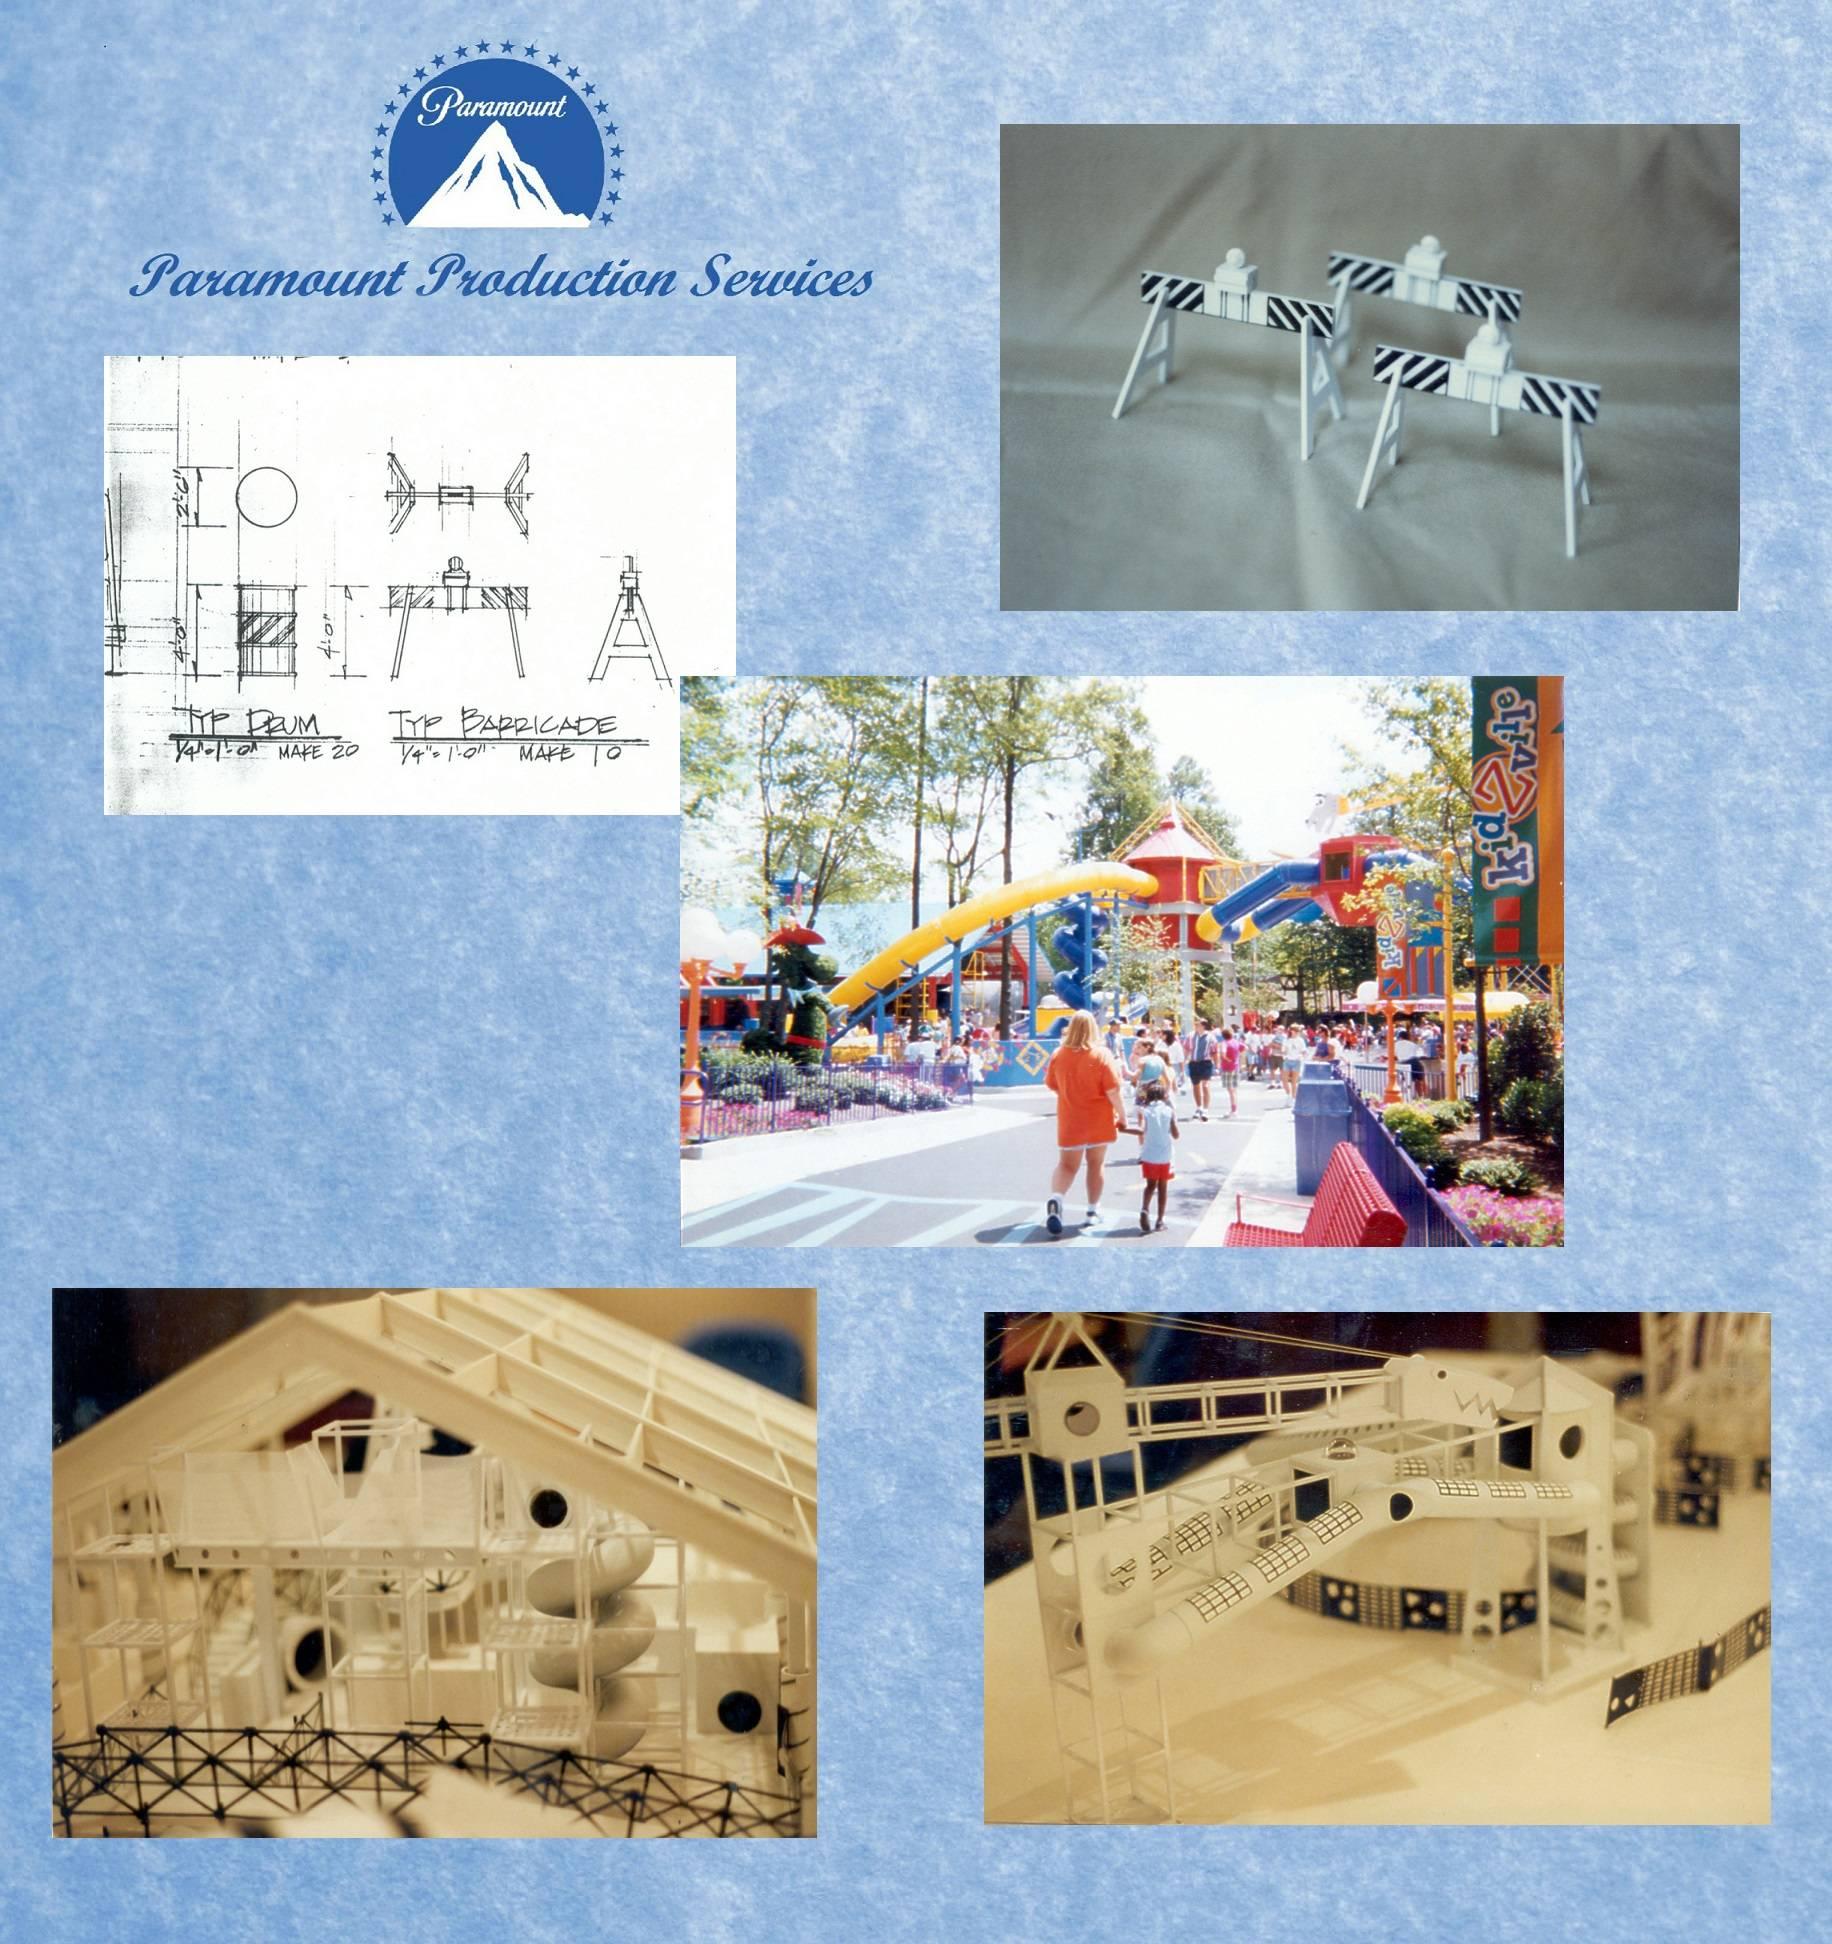 Kidzville play area model, Paramount King's Dominion theme park